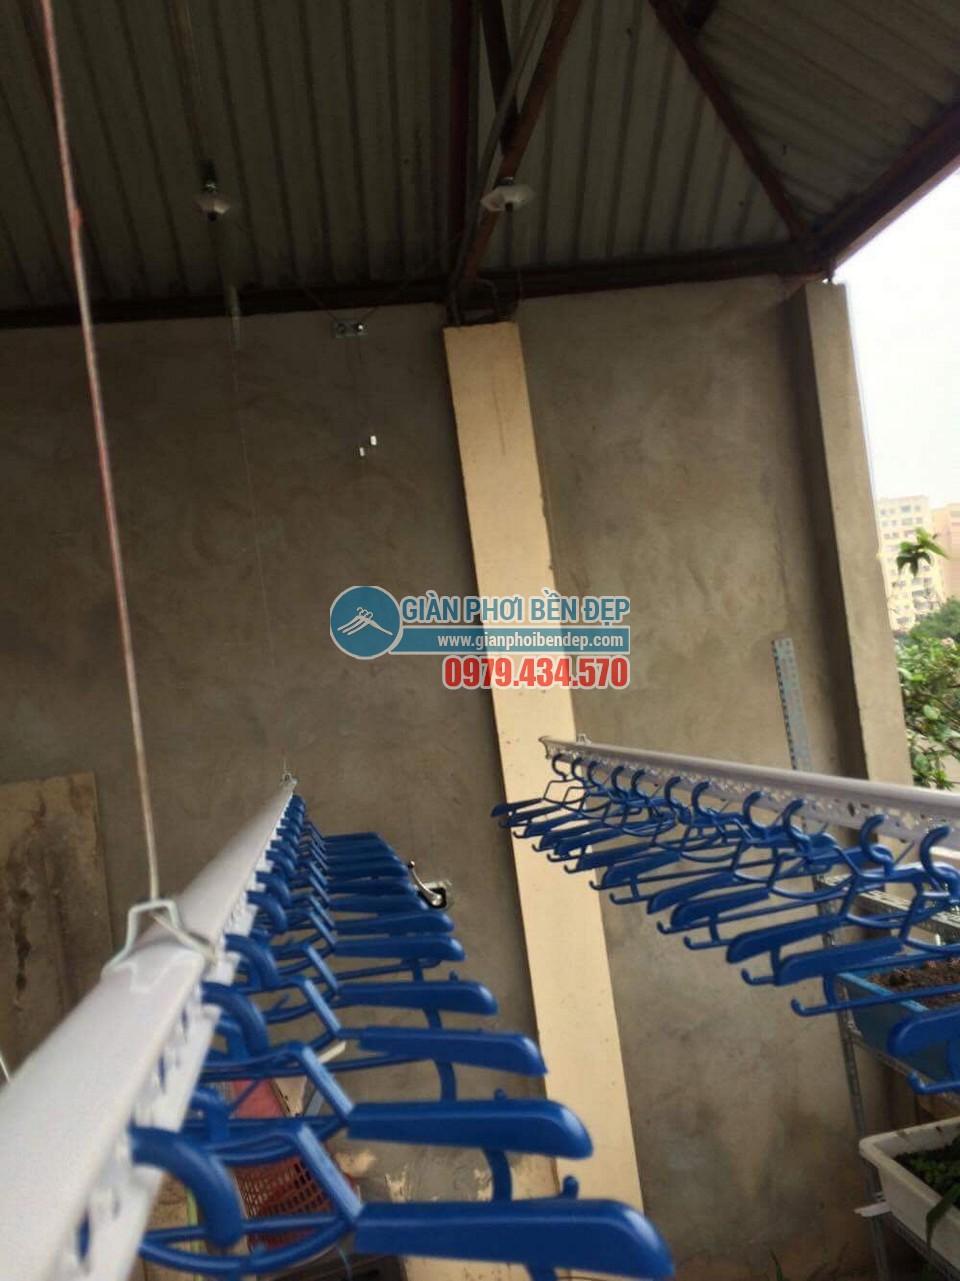 Địa chỉ lắp đặt giàn phơi thông minh giá rẻ, bền đẹp tại Hà Nội